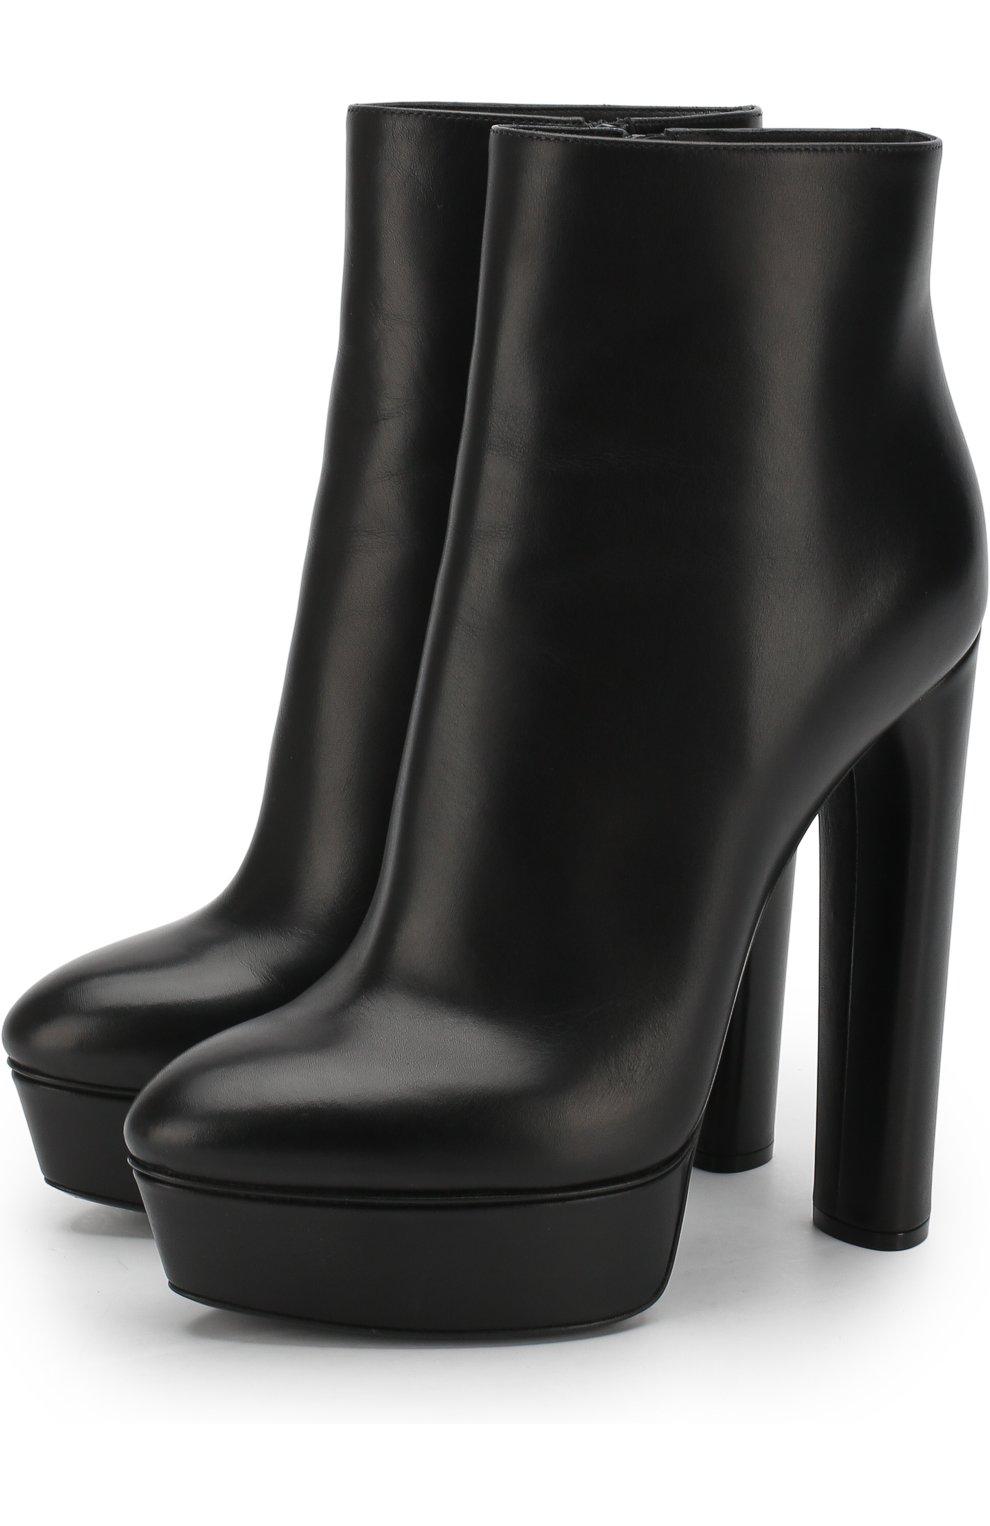 Женская обувь Casadei по цене от 10 950 руб. купить в интернет-магазине ЦУМ e91ba3be939